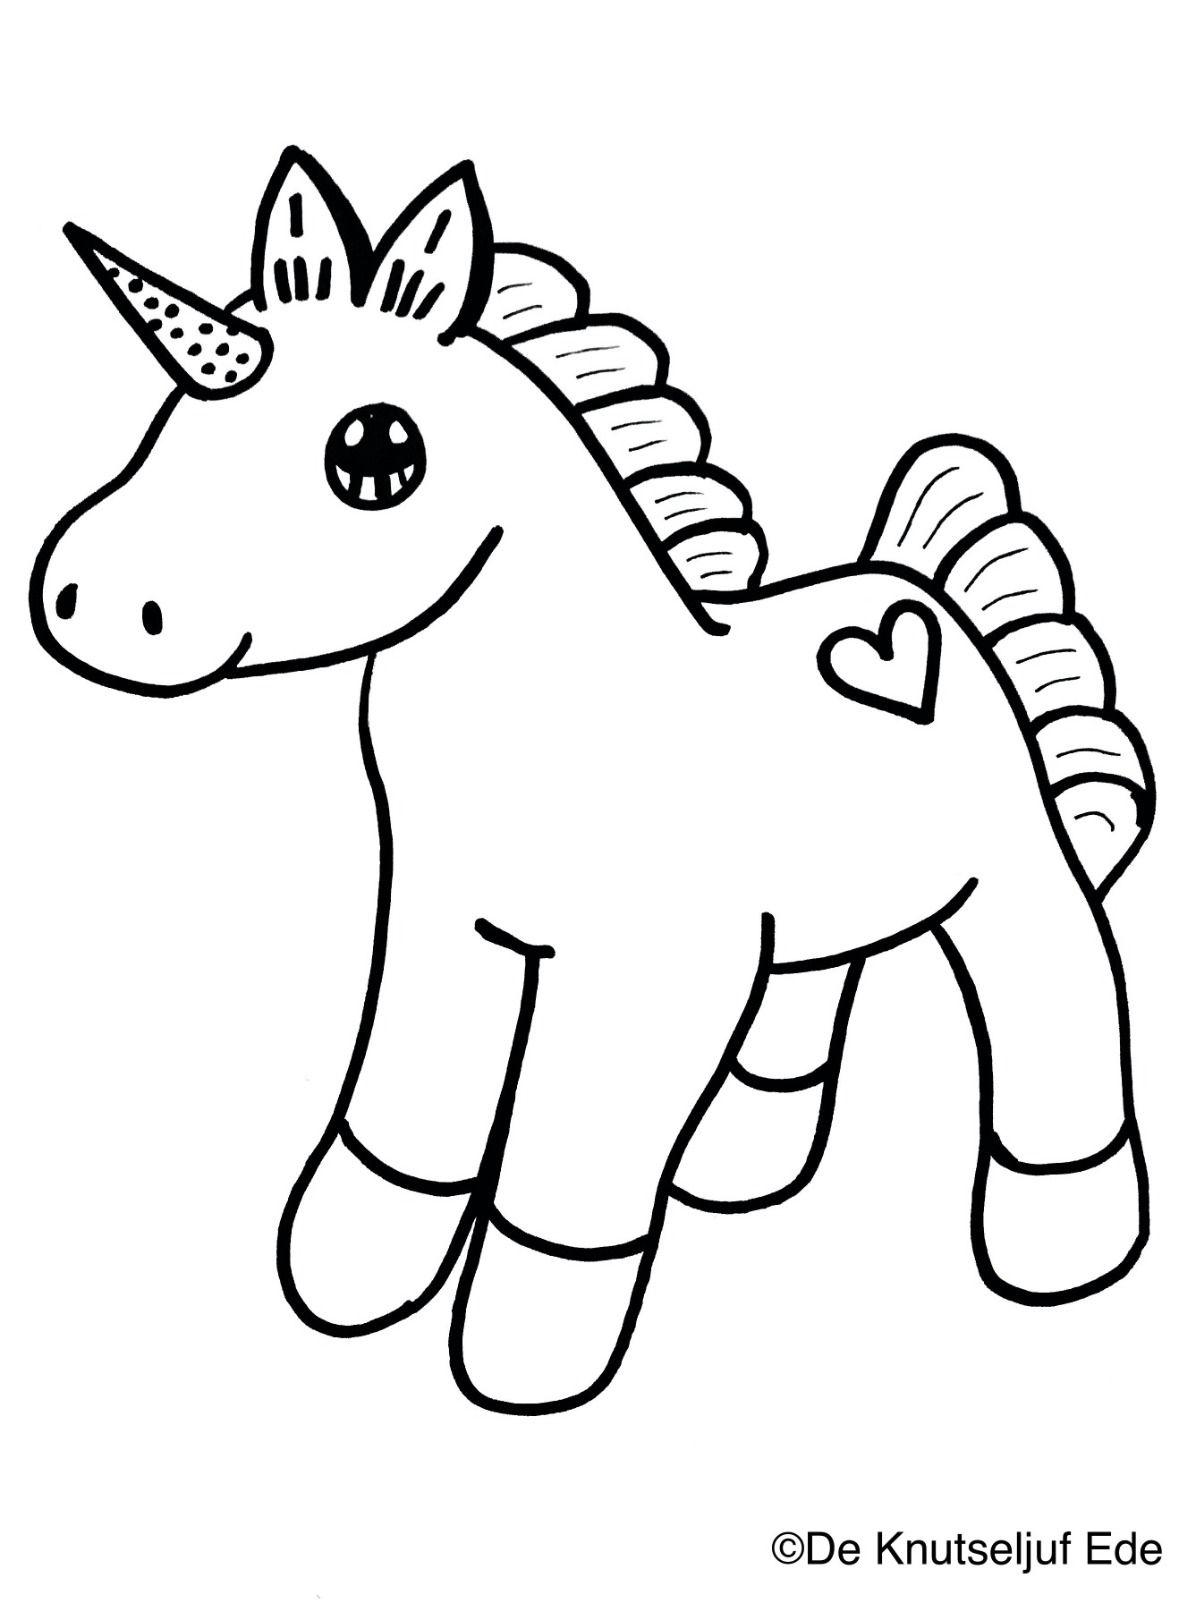 Kleurplaten Eenhoorns Unicorns Eenhoorns Regenboog Knutselen Creatief Kleurplaat De Knuts Kleurplaten Voor Kinderen Kleurplaten Regenboog Knutselen